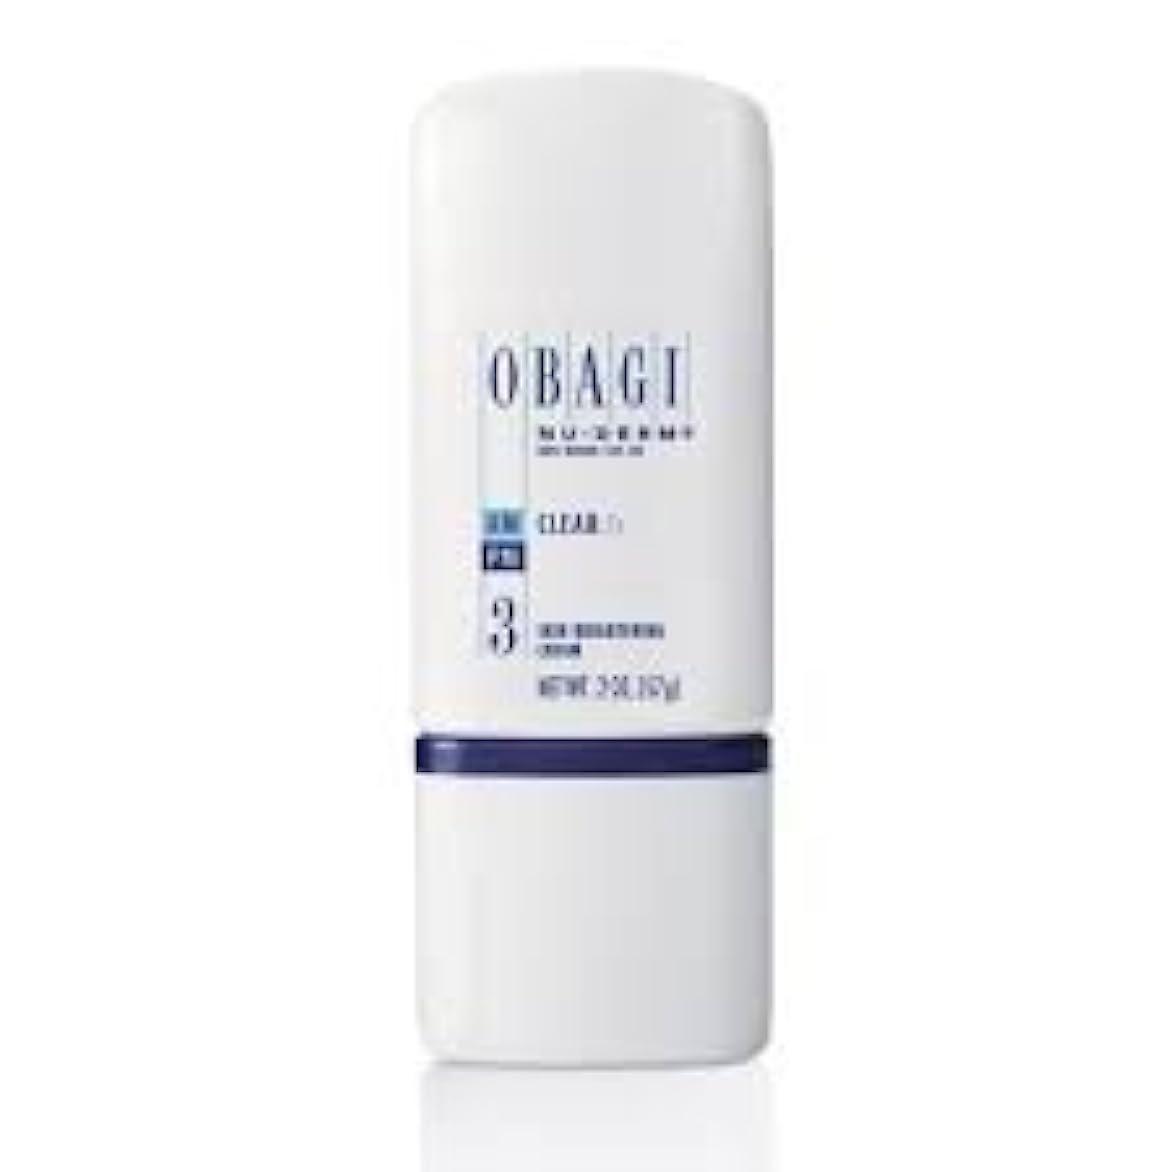 排泄物マインドフル化学者Obagi Nu Derm Clear Fx Skin Brightening Cream 2 oz/57.gオバジクリーム [並行輸入品]